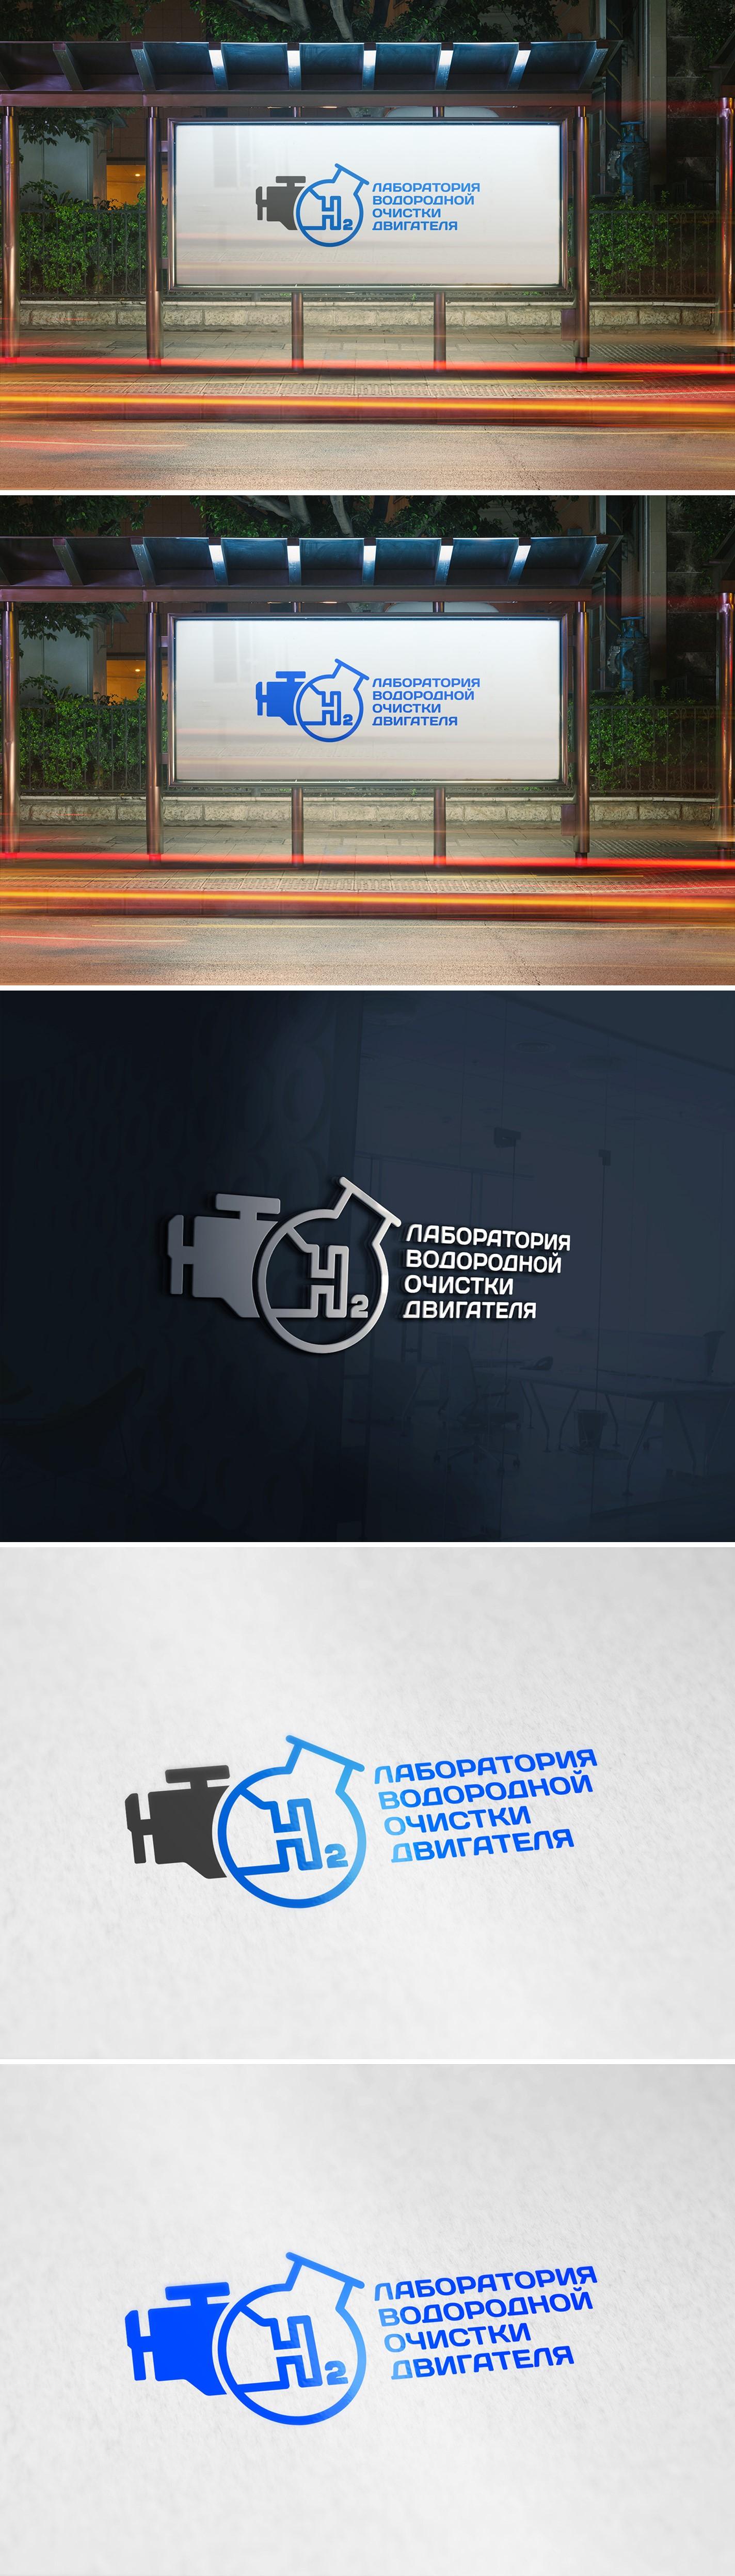 """Разработка фирменного стиля для """"Лаборатории водородной очис фото f_0465dc1907a1b160.jpg"""